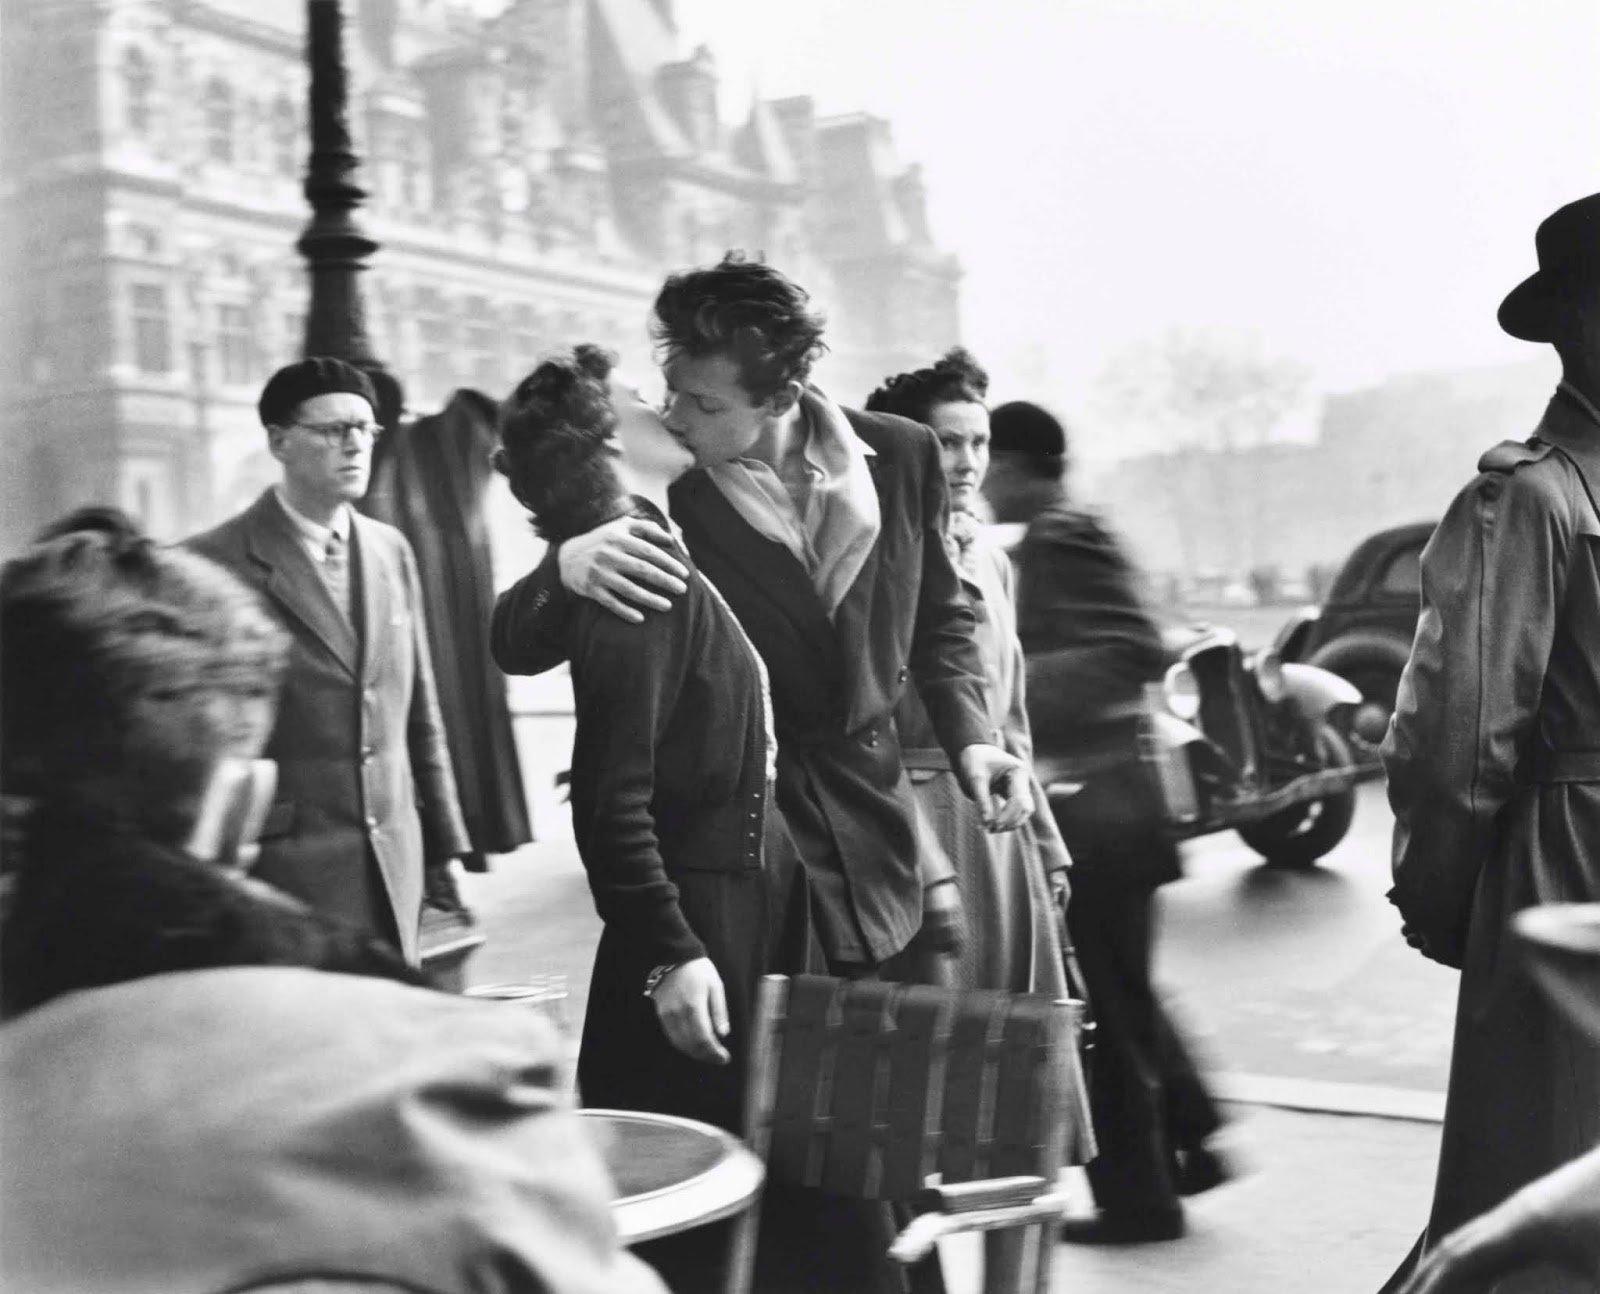 Baiser de l'Hôtel de Ville, Paris 1950 © Succession Robert Doisneau